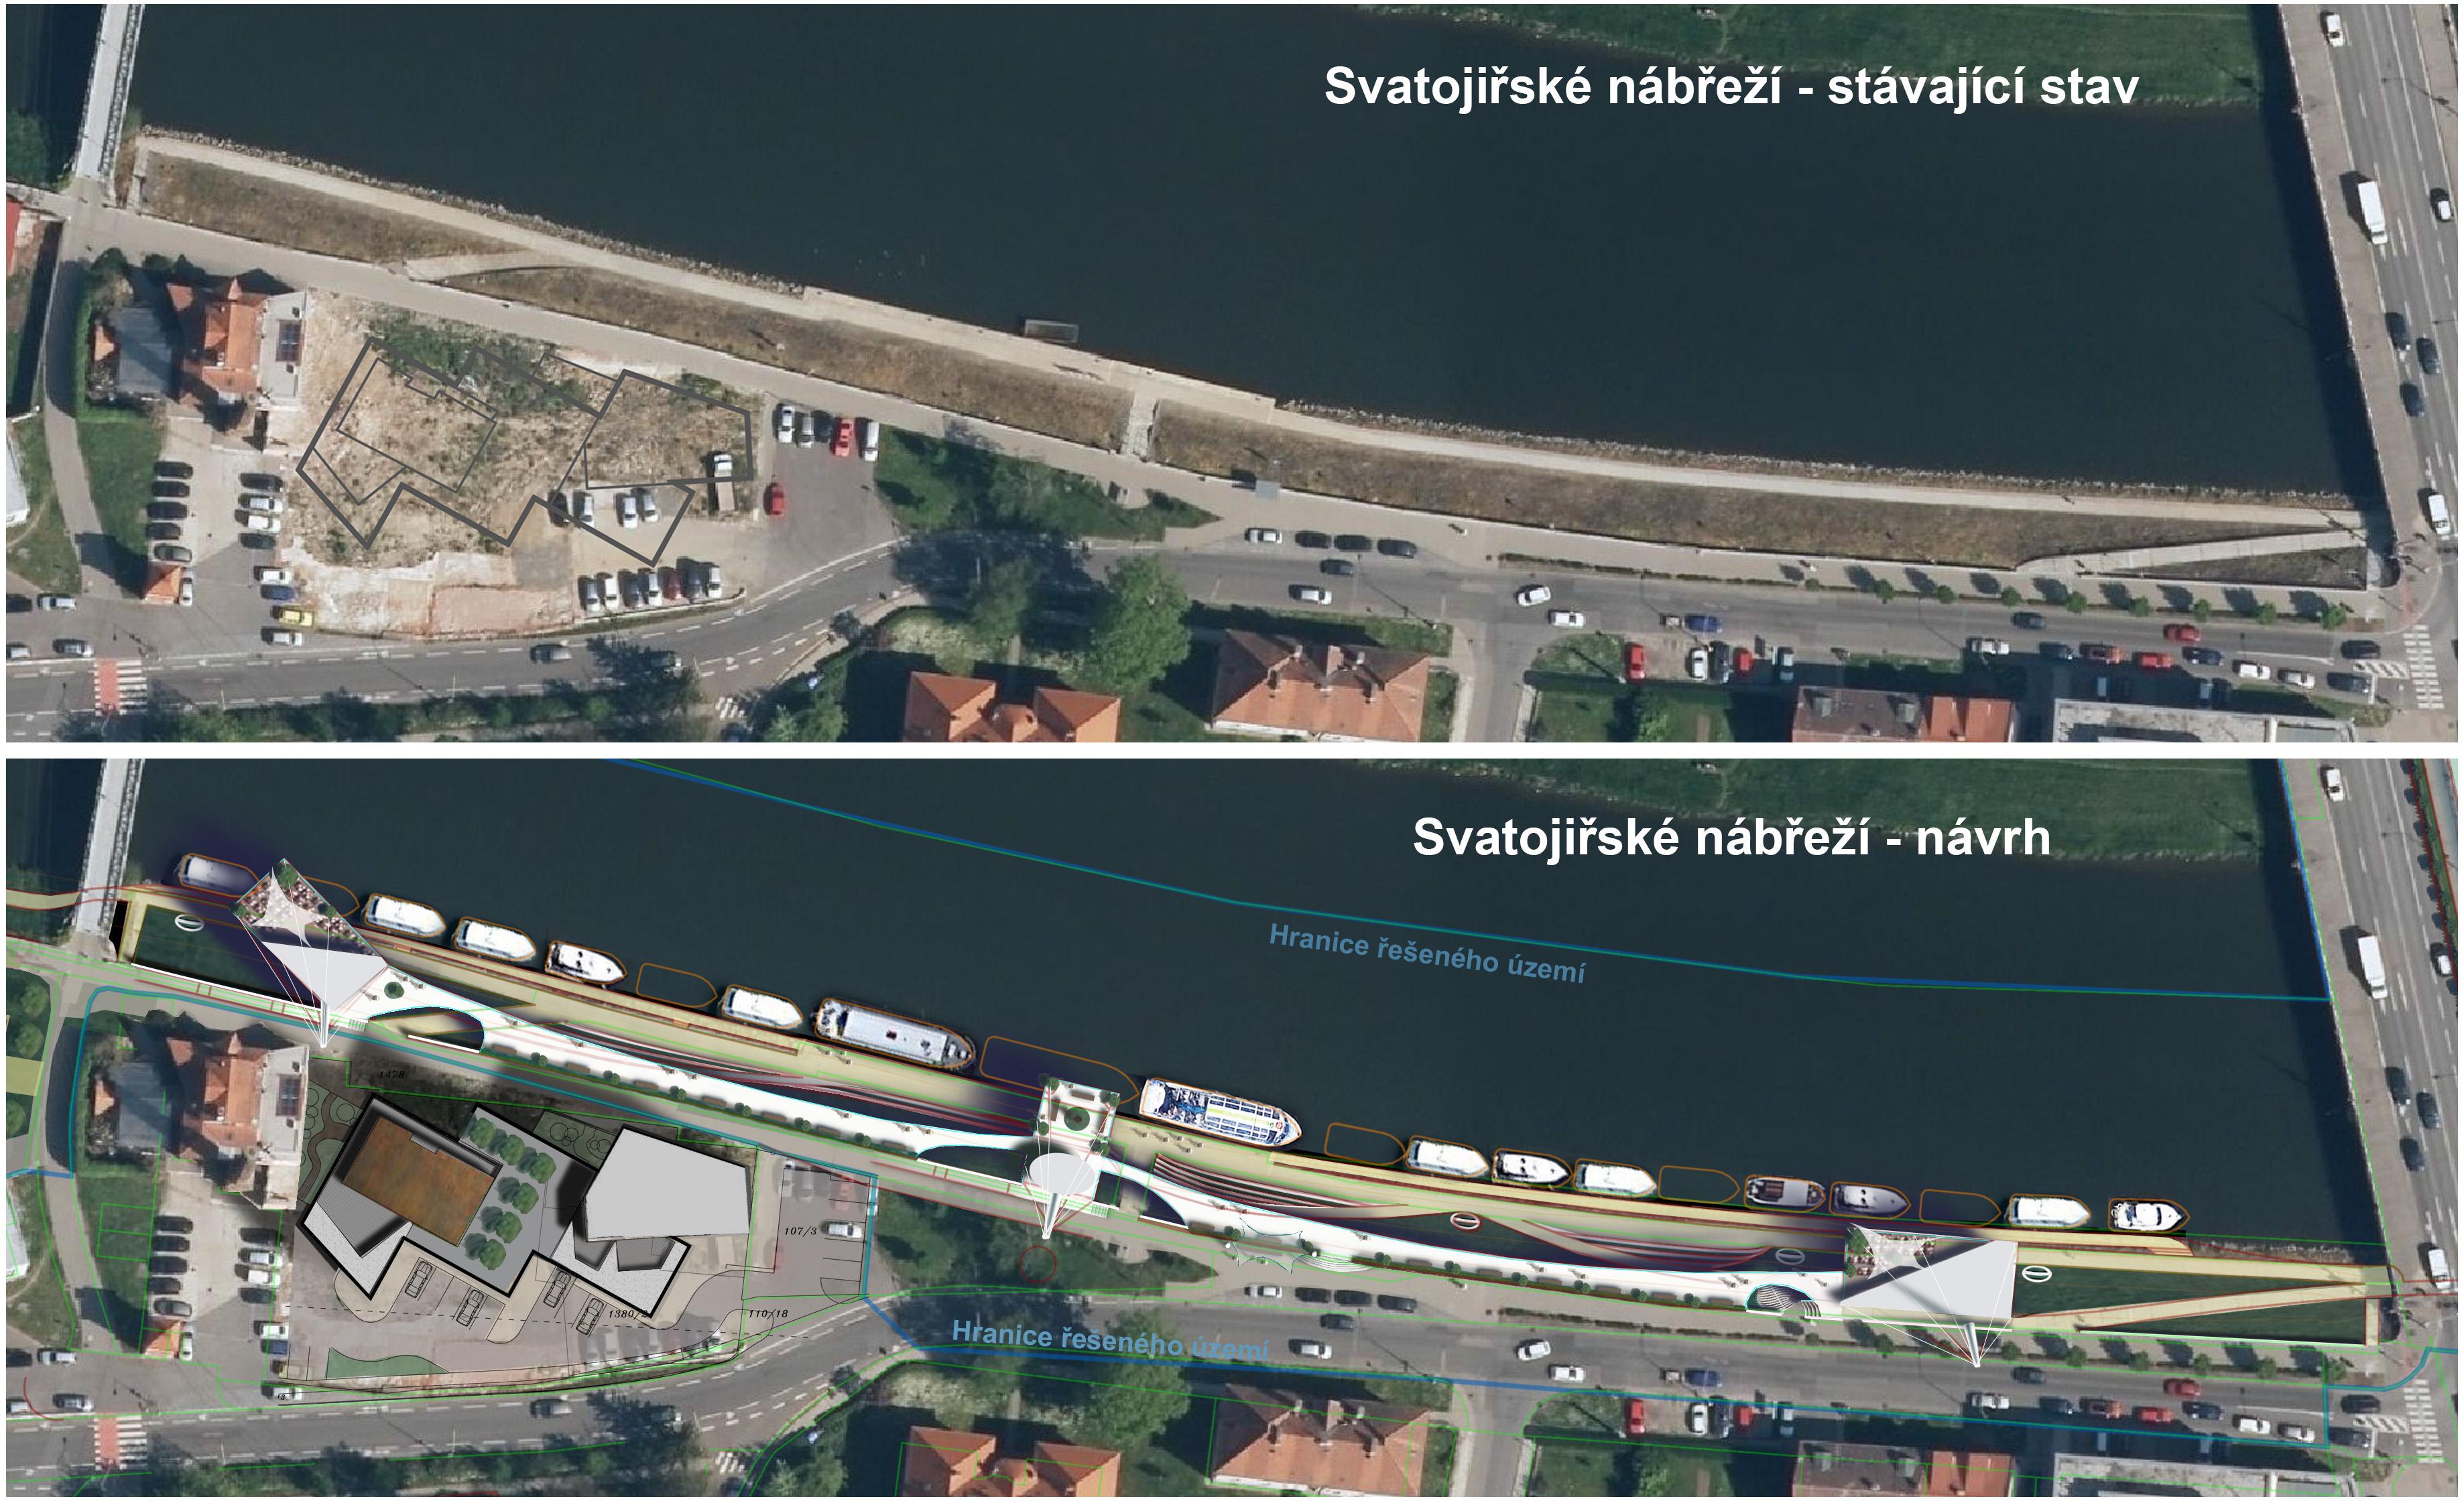 Přístaviště Svatojiřské nábřeži v Uherském Hradišti